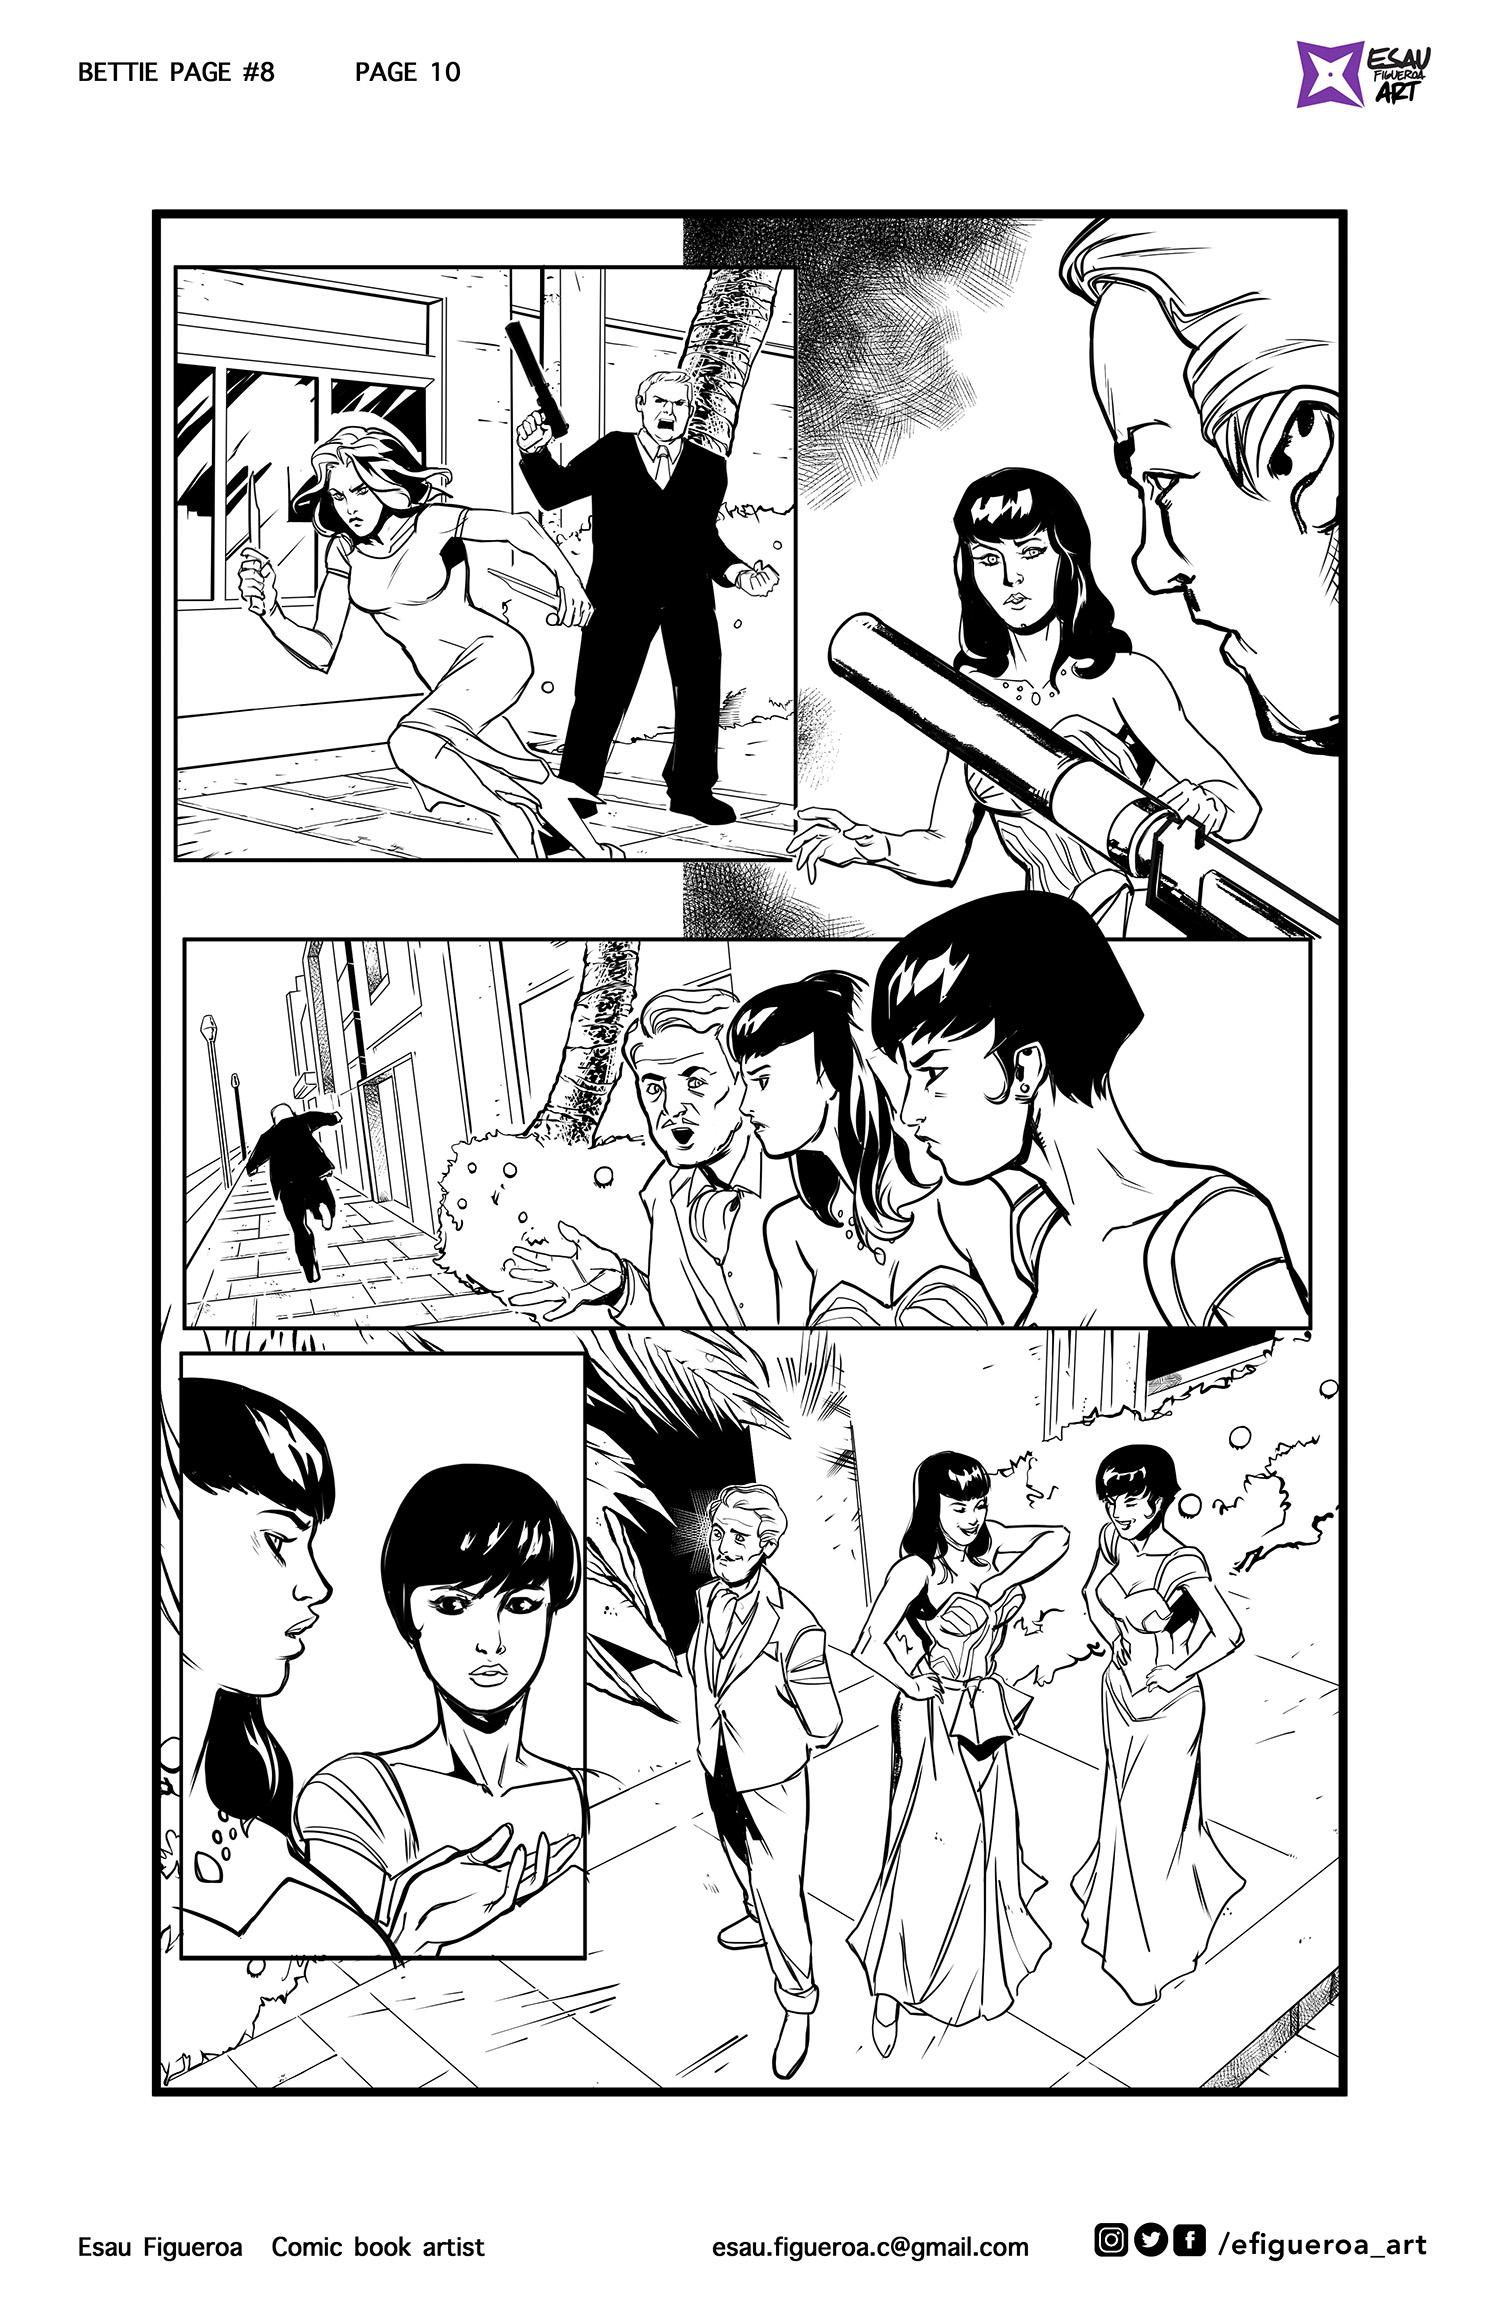 Bettie-page-8-10 .jpg